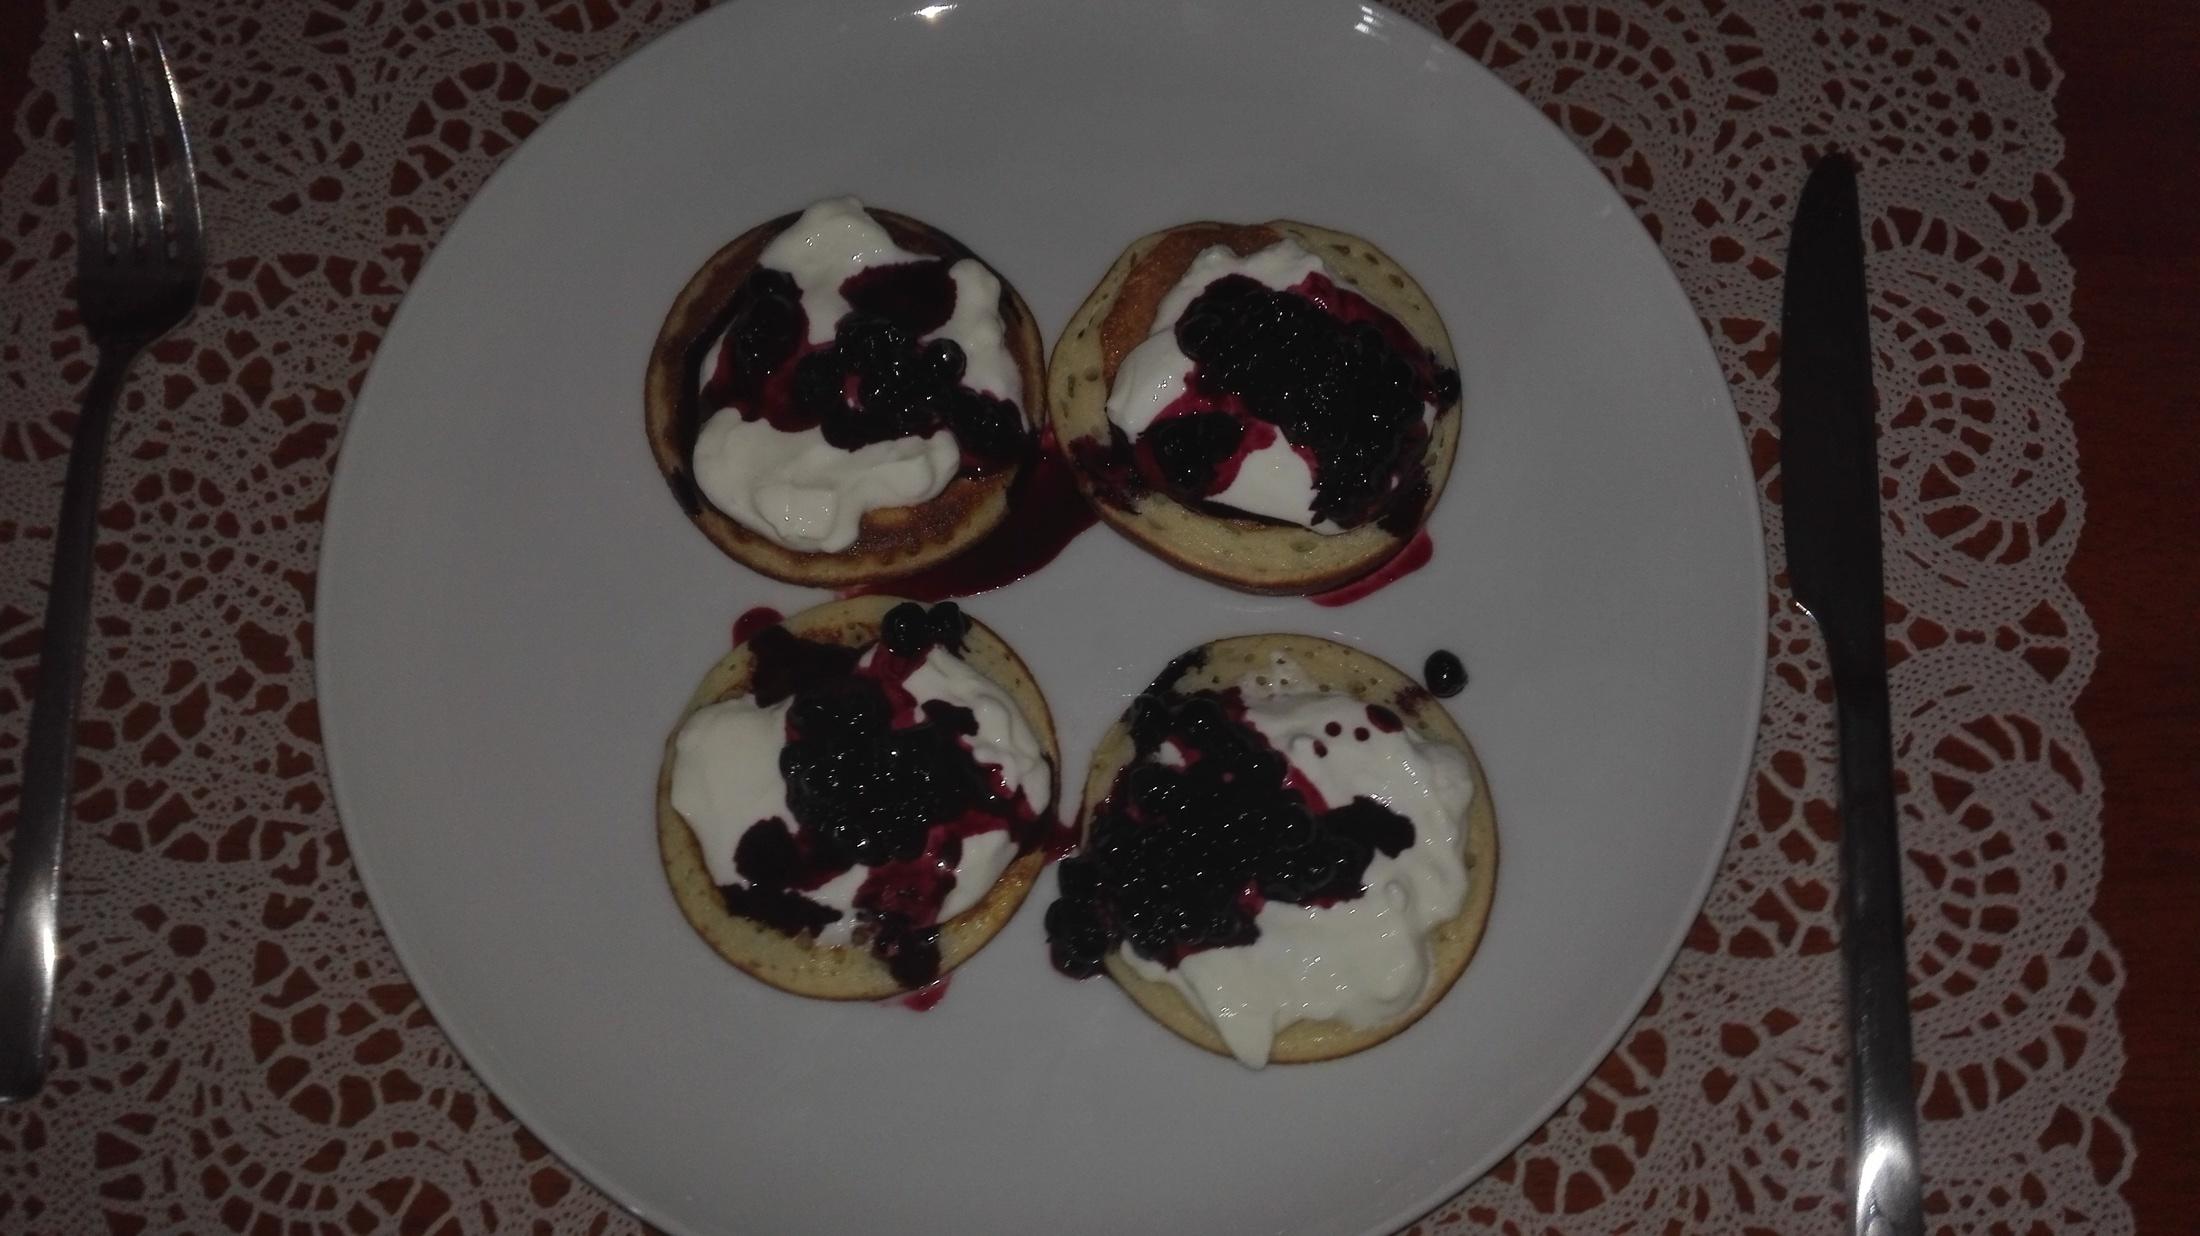 Recept Rychlé lívance - Lívanečky se zakysanou smetanou přelité borůvkovou omáčkou